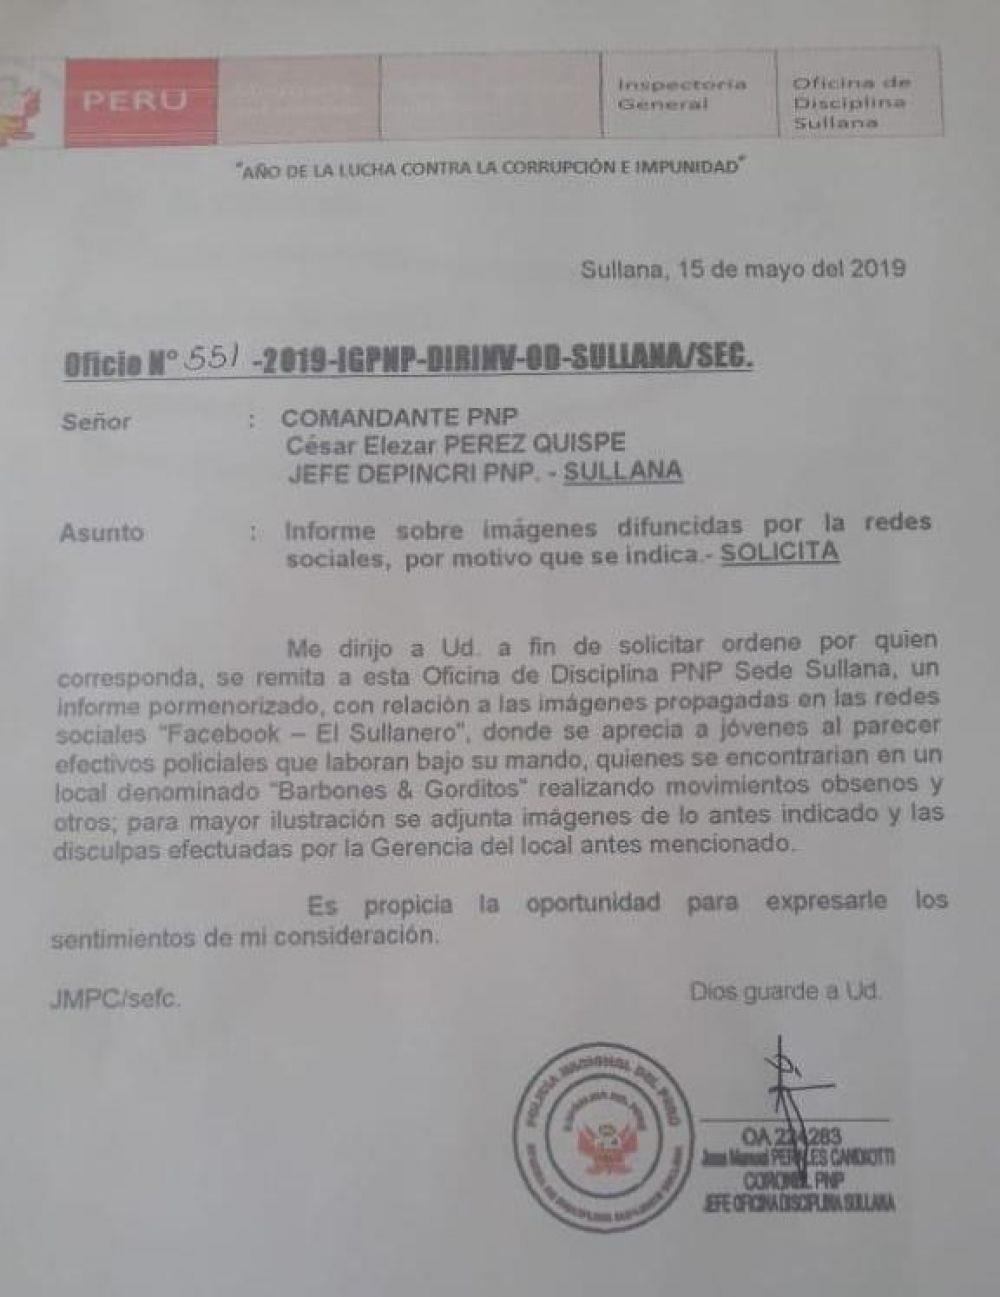 Oficio remitido por la Oficina de Disciplina de la PNP a la Depincri de Sullana.